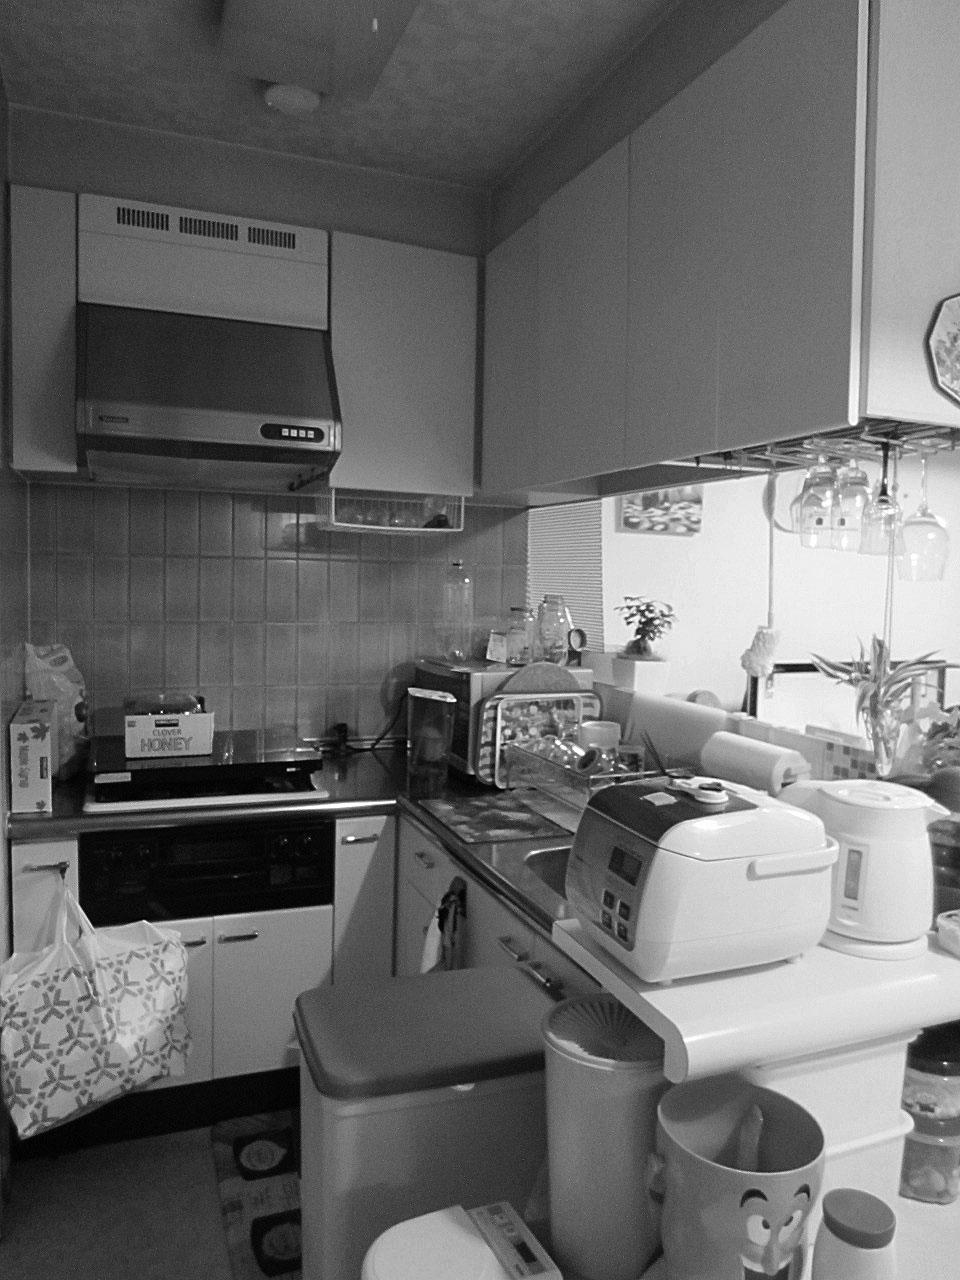 L型のキッチンは、リビング側に吊り戸がありやや閉鎖的な印象でした。